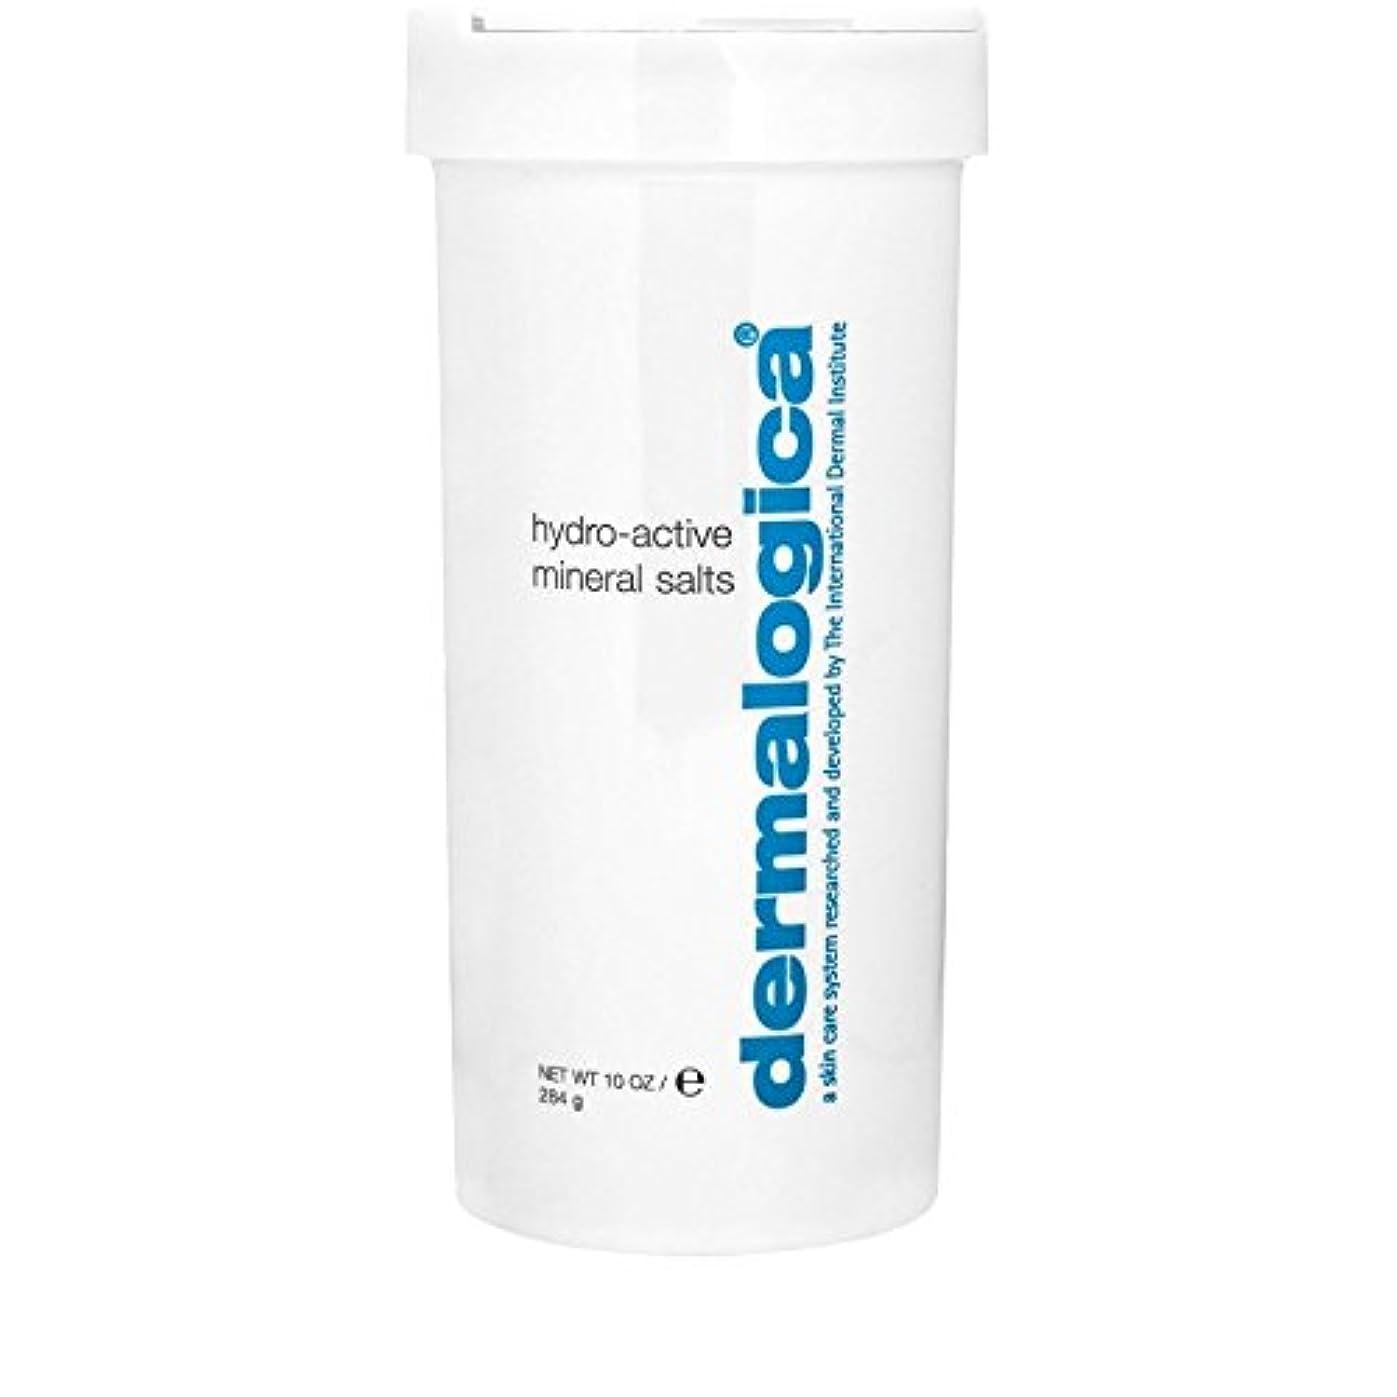 感動する制約スポークスマンDermalogica Hydro Active Mineral Salt 284g - ダーマロジカ水力アクティブミネラル塩284グラム [並行輸入品]